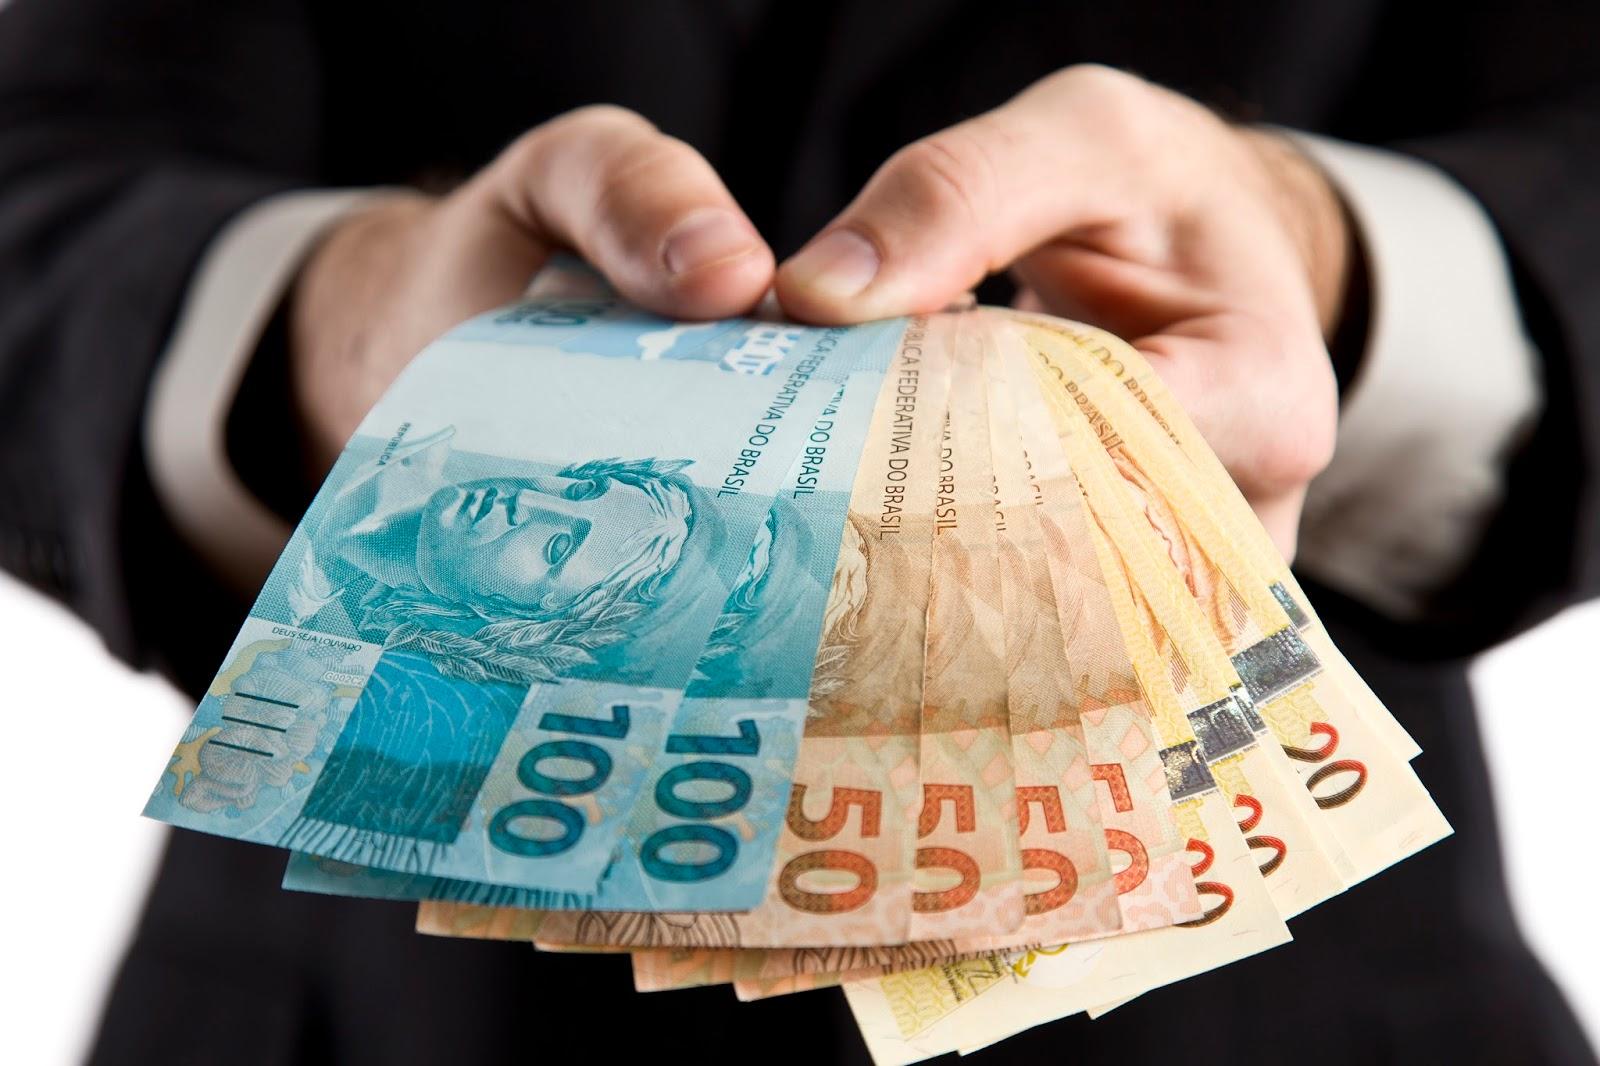 Aquiles emir prefeitos ficam proibidos de sacar dinheiro Sacar dinheiro no exterior banco do brasil